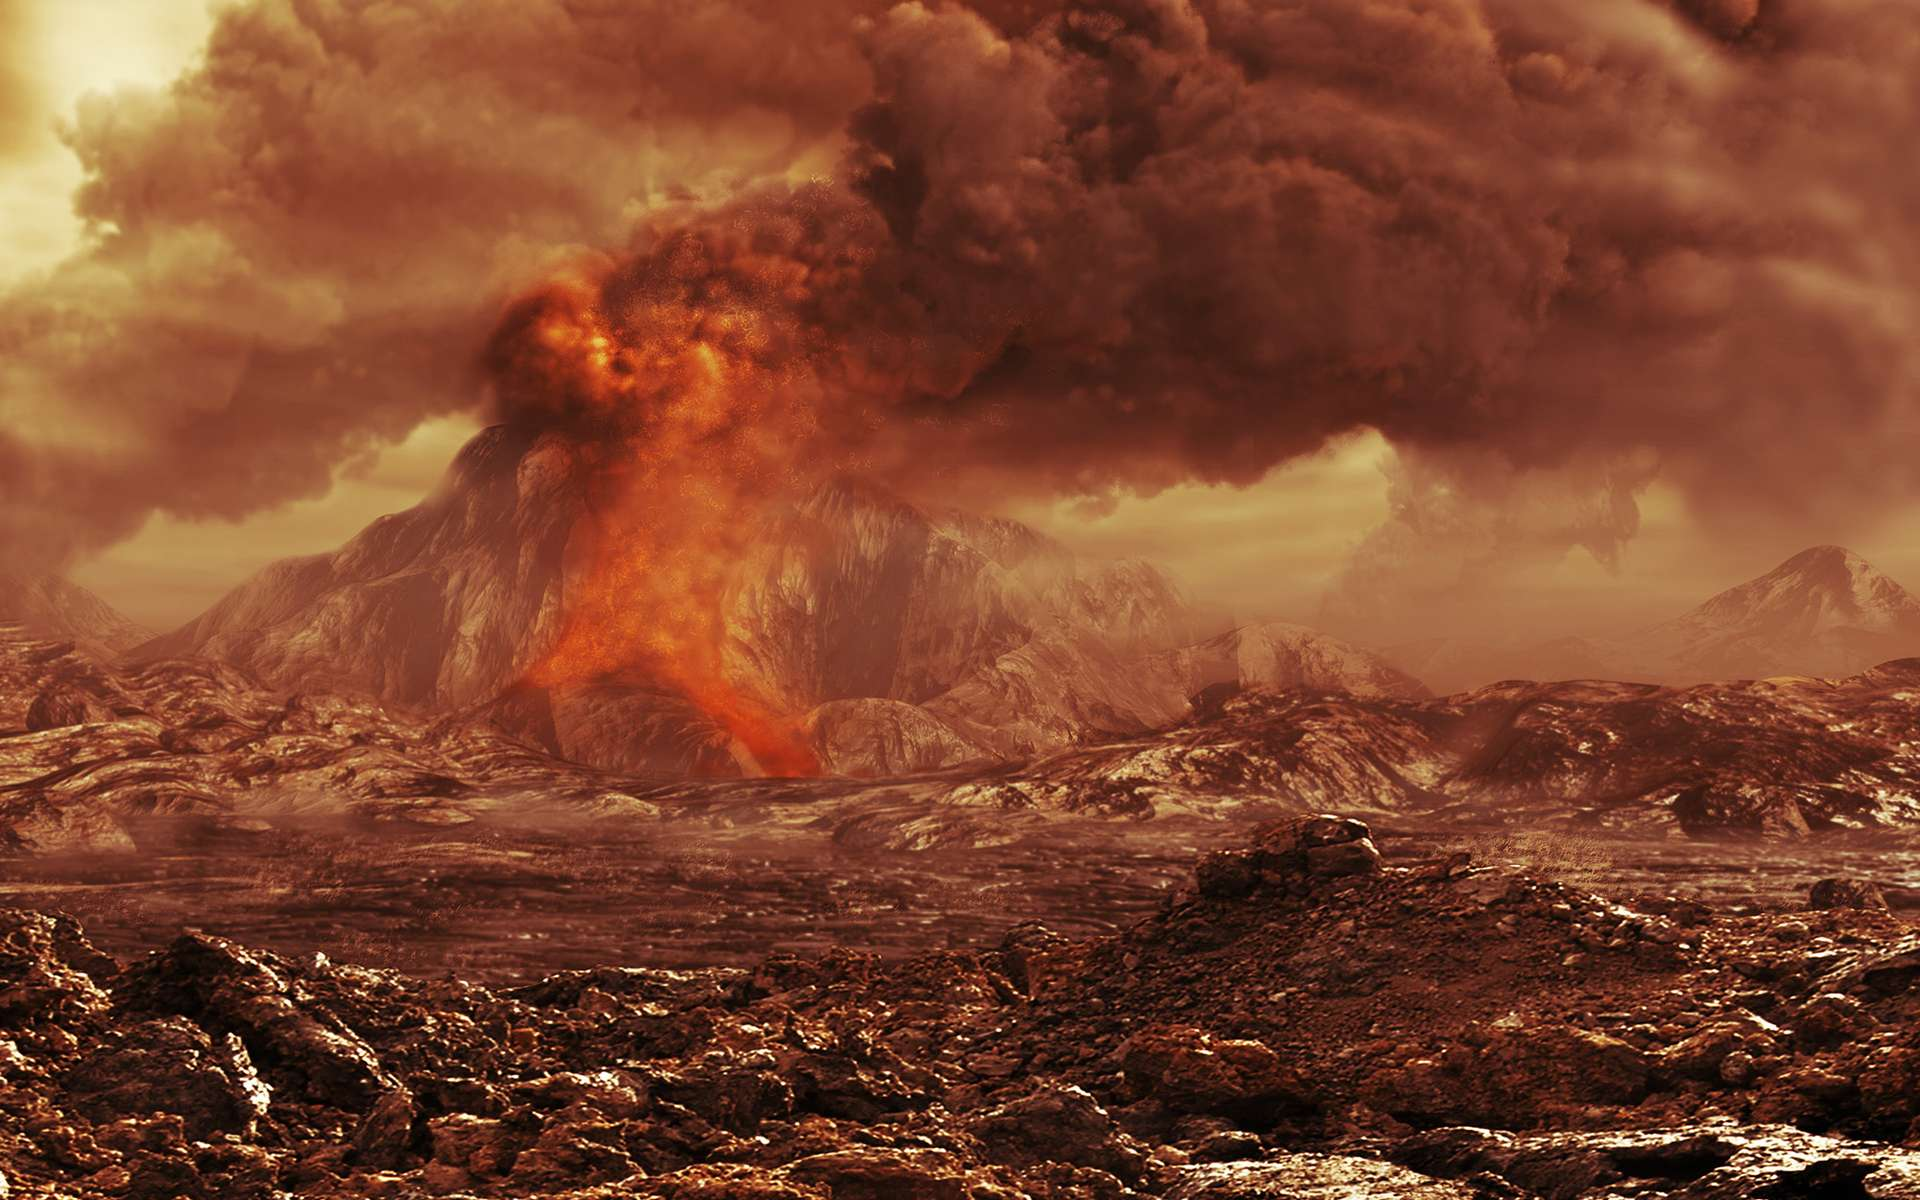 Une vue d'artiste montrant une éruption volcanique sur Vénus. La totalité de sa surface est constituée de volcans, de coulées, de caldeiras et de dômes. © Esa, AOES